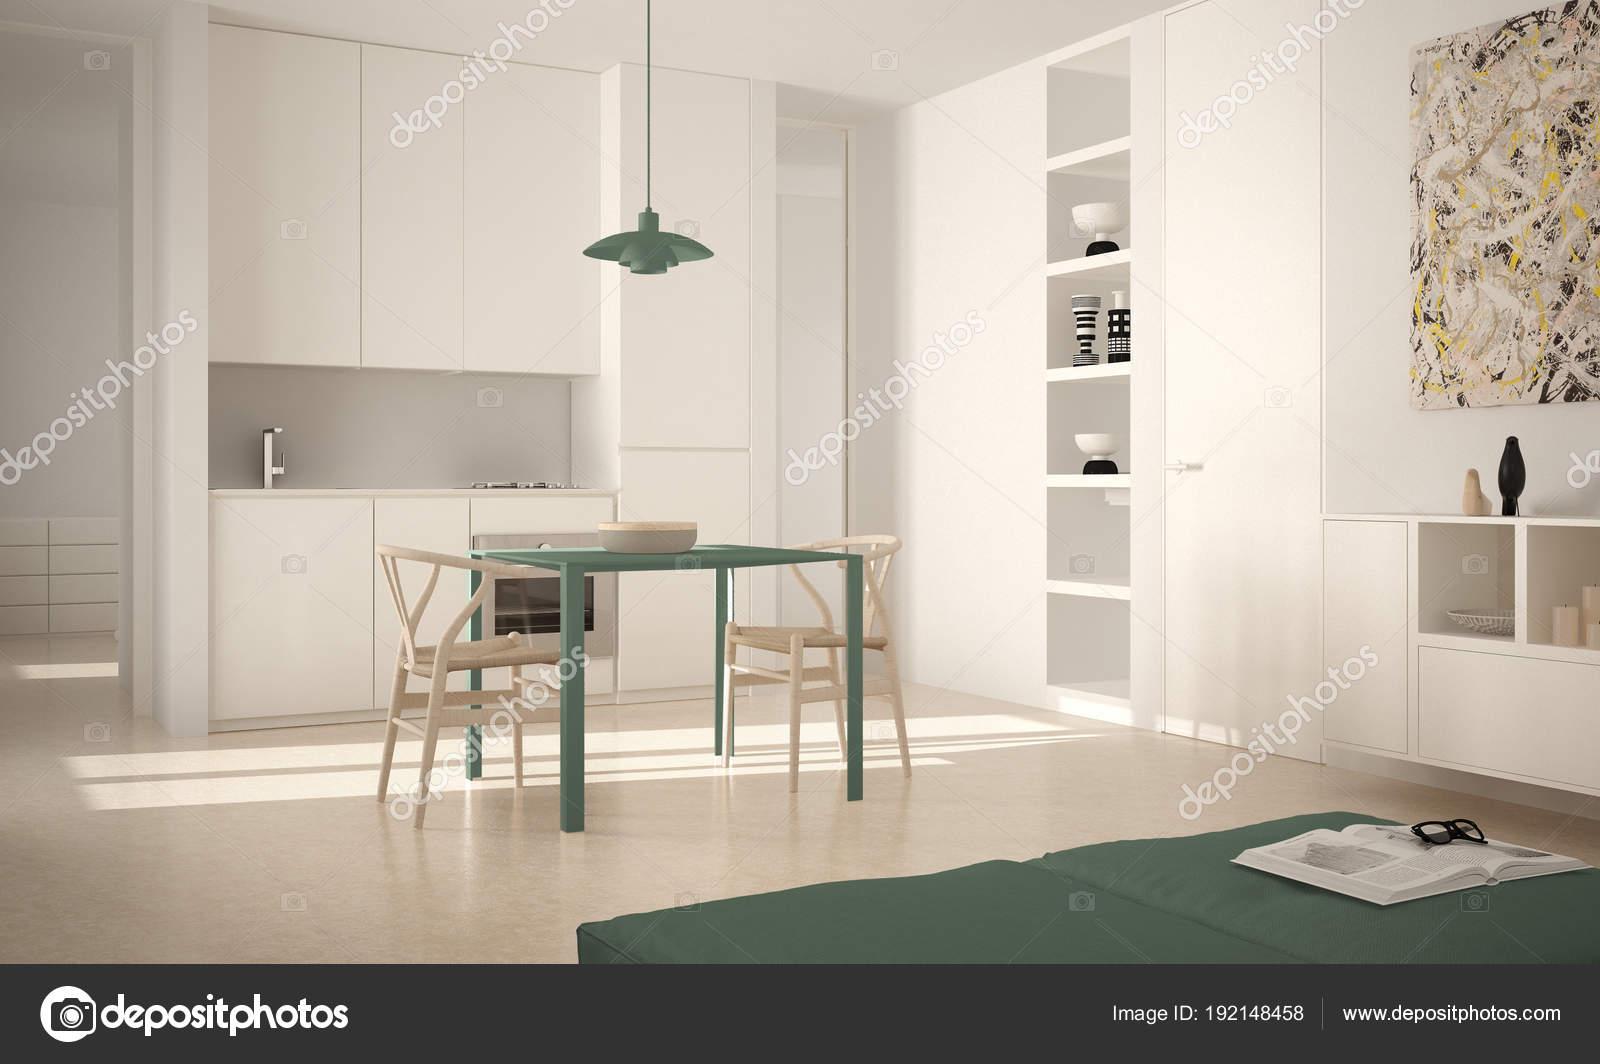 Moderne Grote Eettafel.Minimalistische Moderne Lichte Keuken Met Eettafel En Stoelen Grote